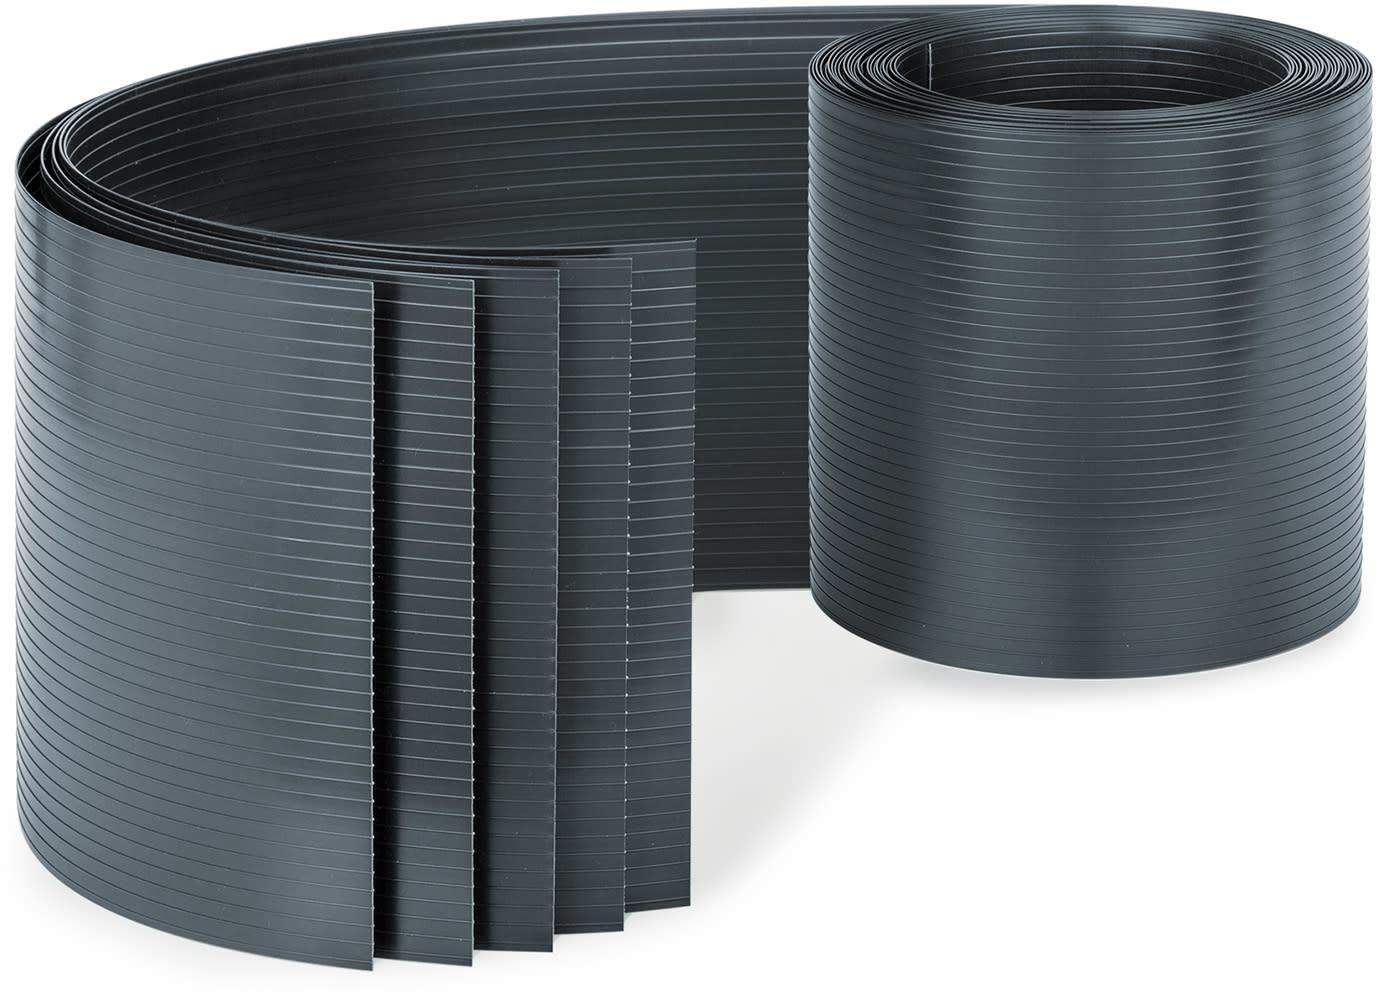 Blumfeldt Blumfeldt Ogrodzeniowa osłona maskująca, PCW  twardy plastik, 2,53 x 0,19 m PVC5 Anthrazit